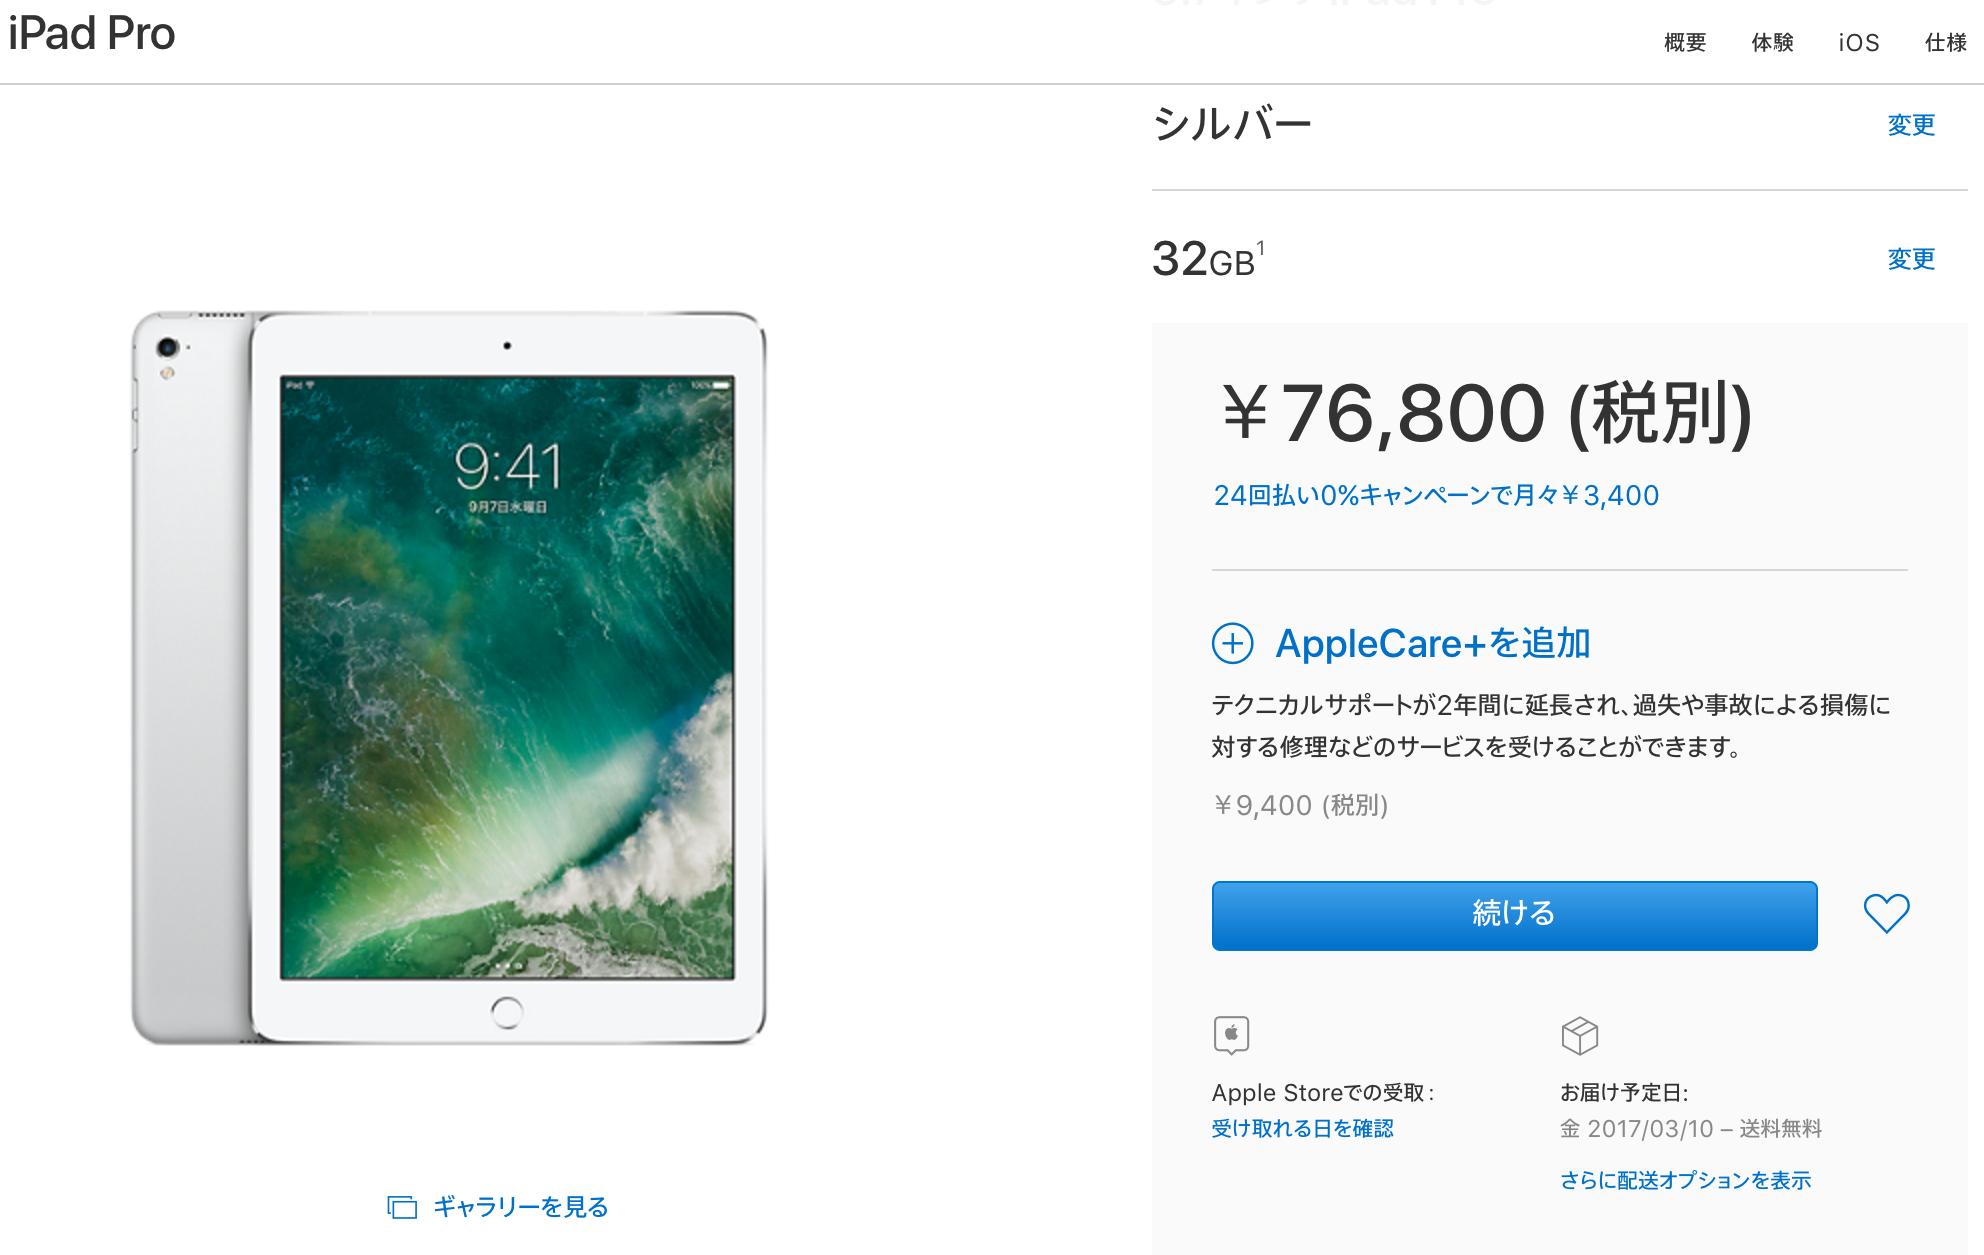 やはりiPad Pro2は4月に発売の模様。ただ、4月4日は誤報?10.5インチモデルのみ?